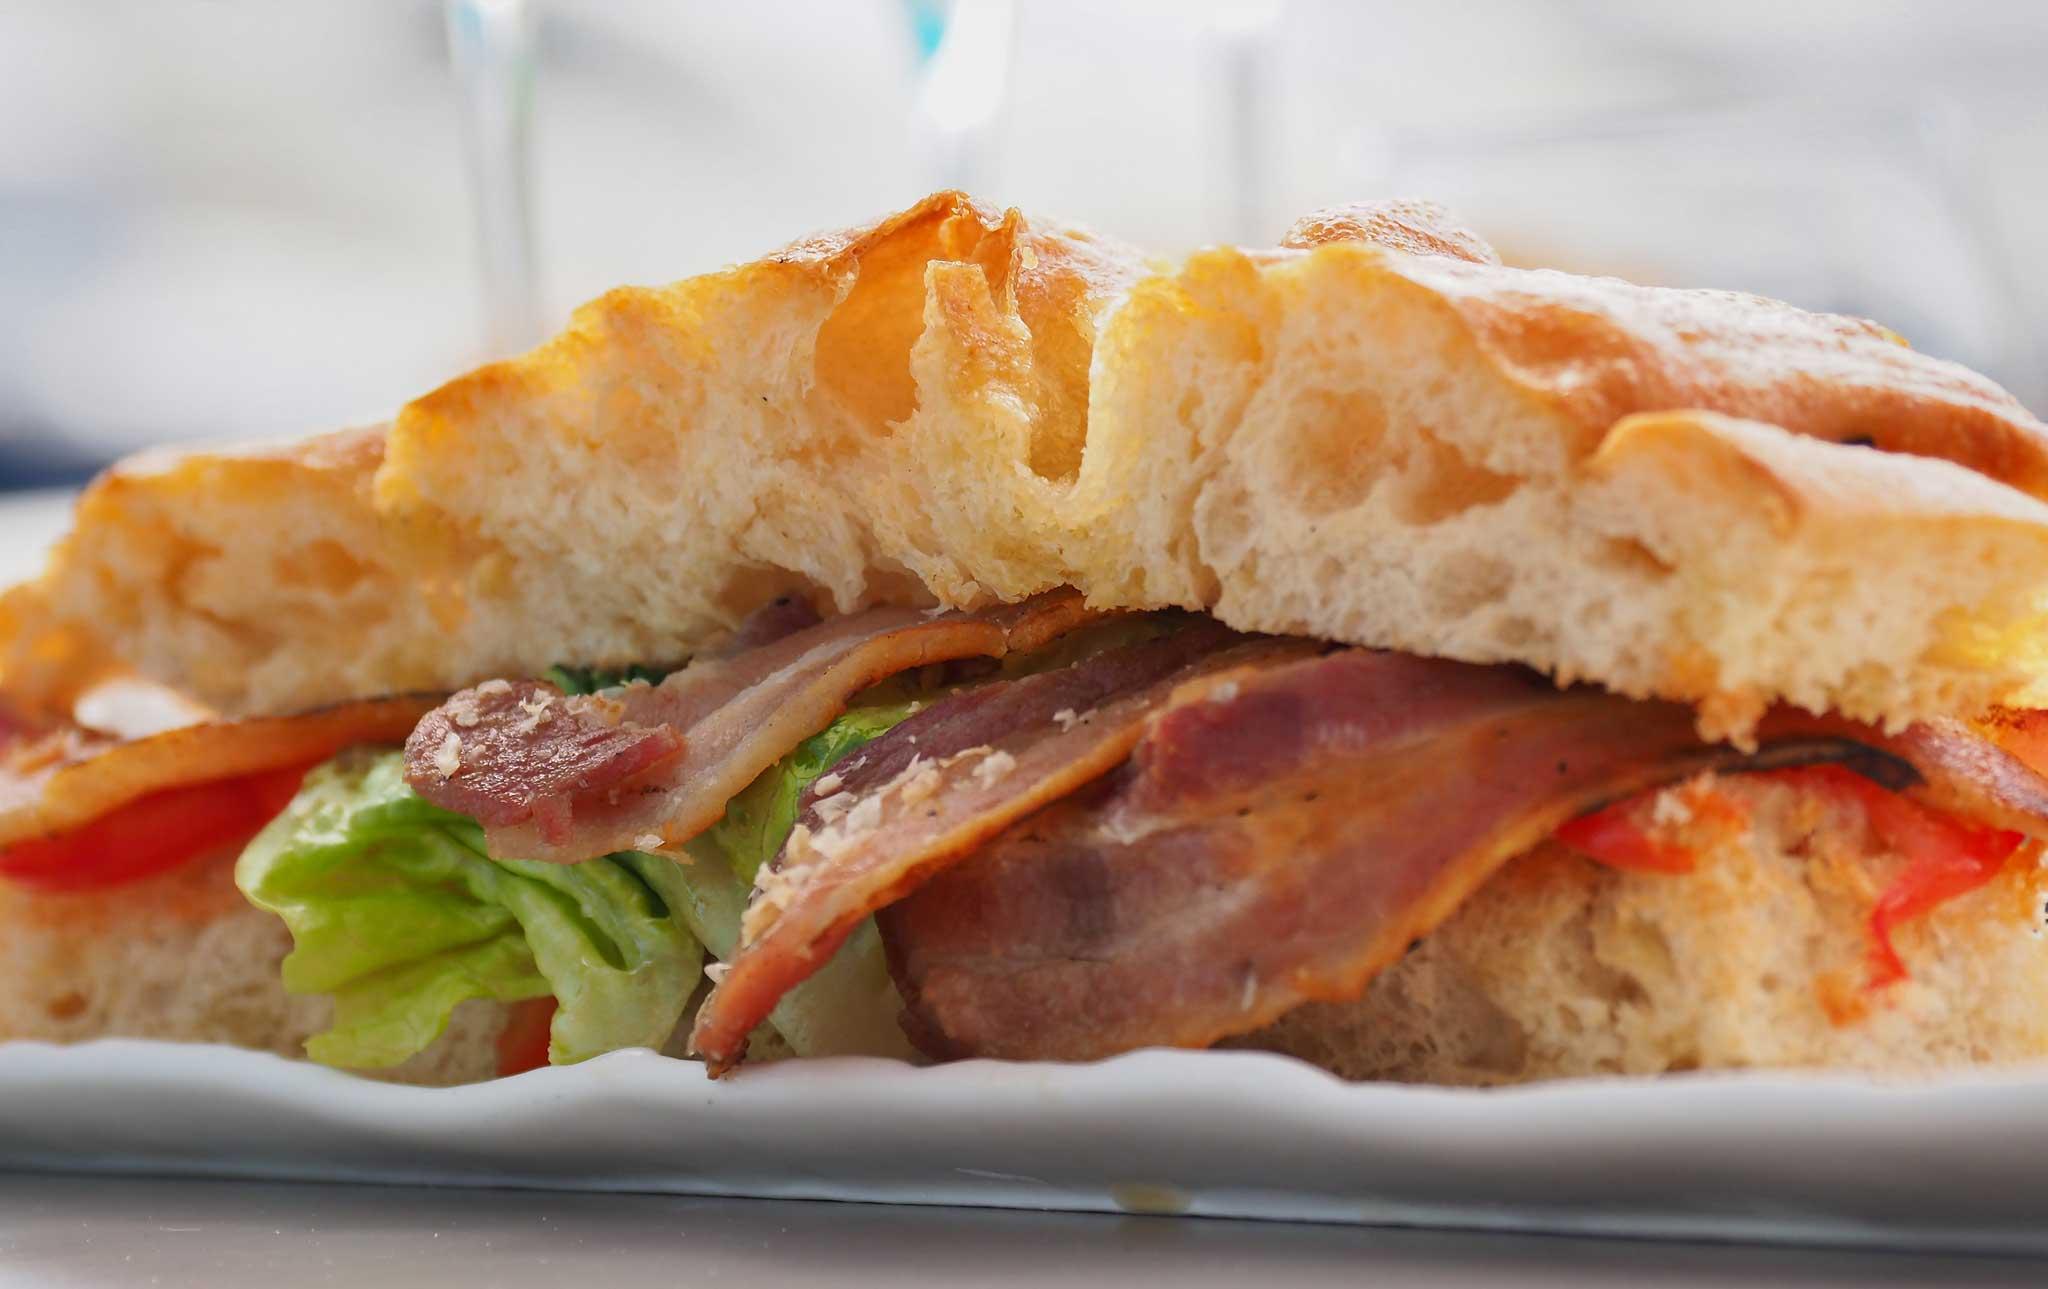 Desayunar con vistas al mar Denia -Restaurante Nomada